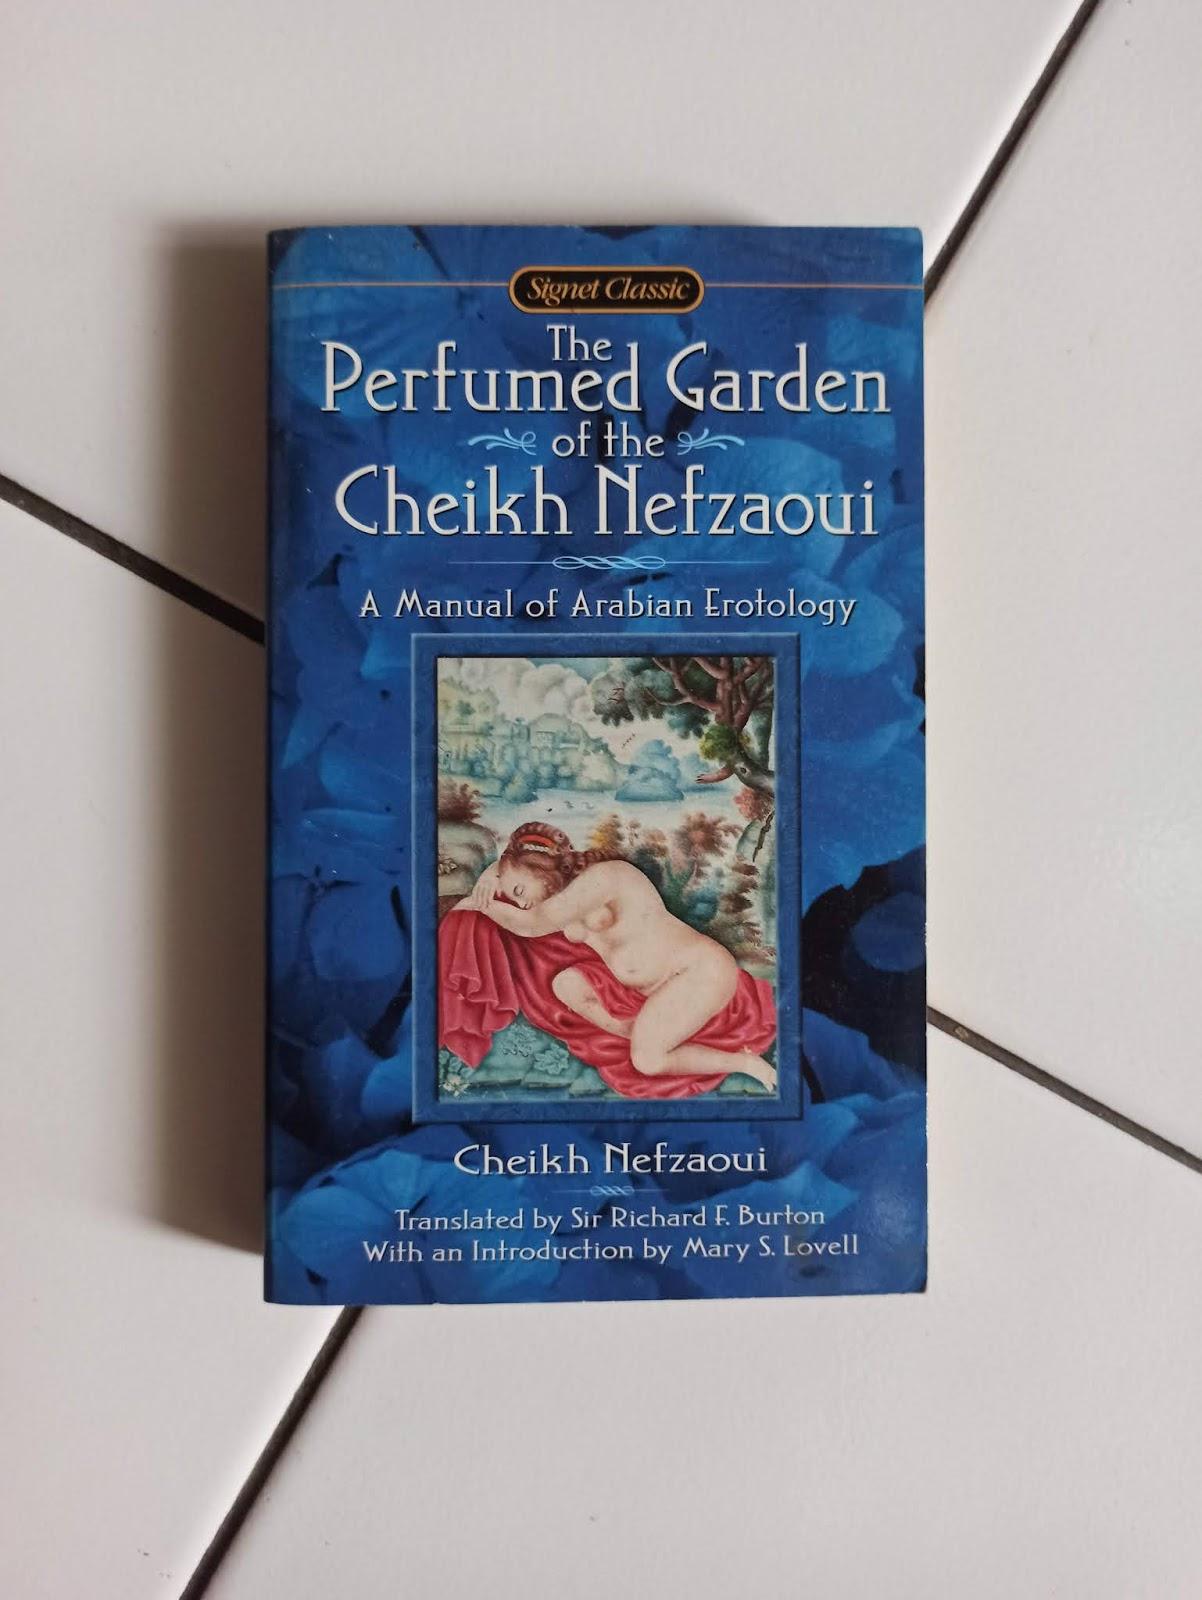 A Book by Cheikh Nefzaoui